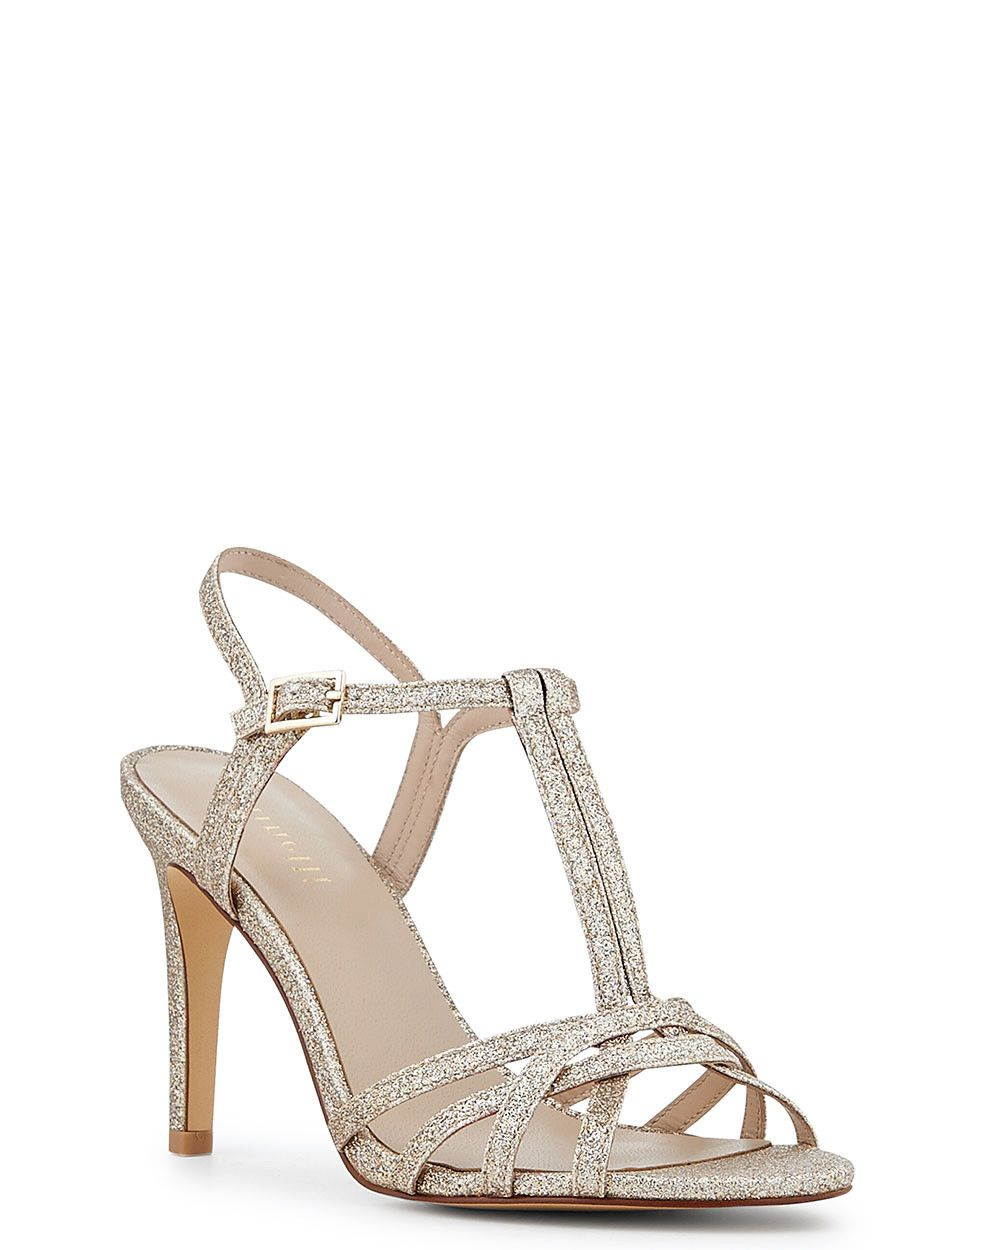 Découvrir en ligne tous les modèles de Sandale - Madison femme de la  Collection Minelli de